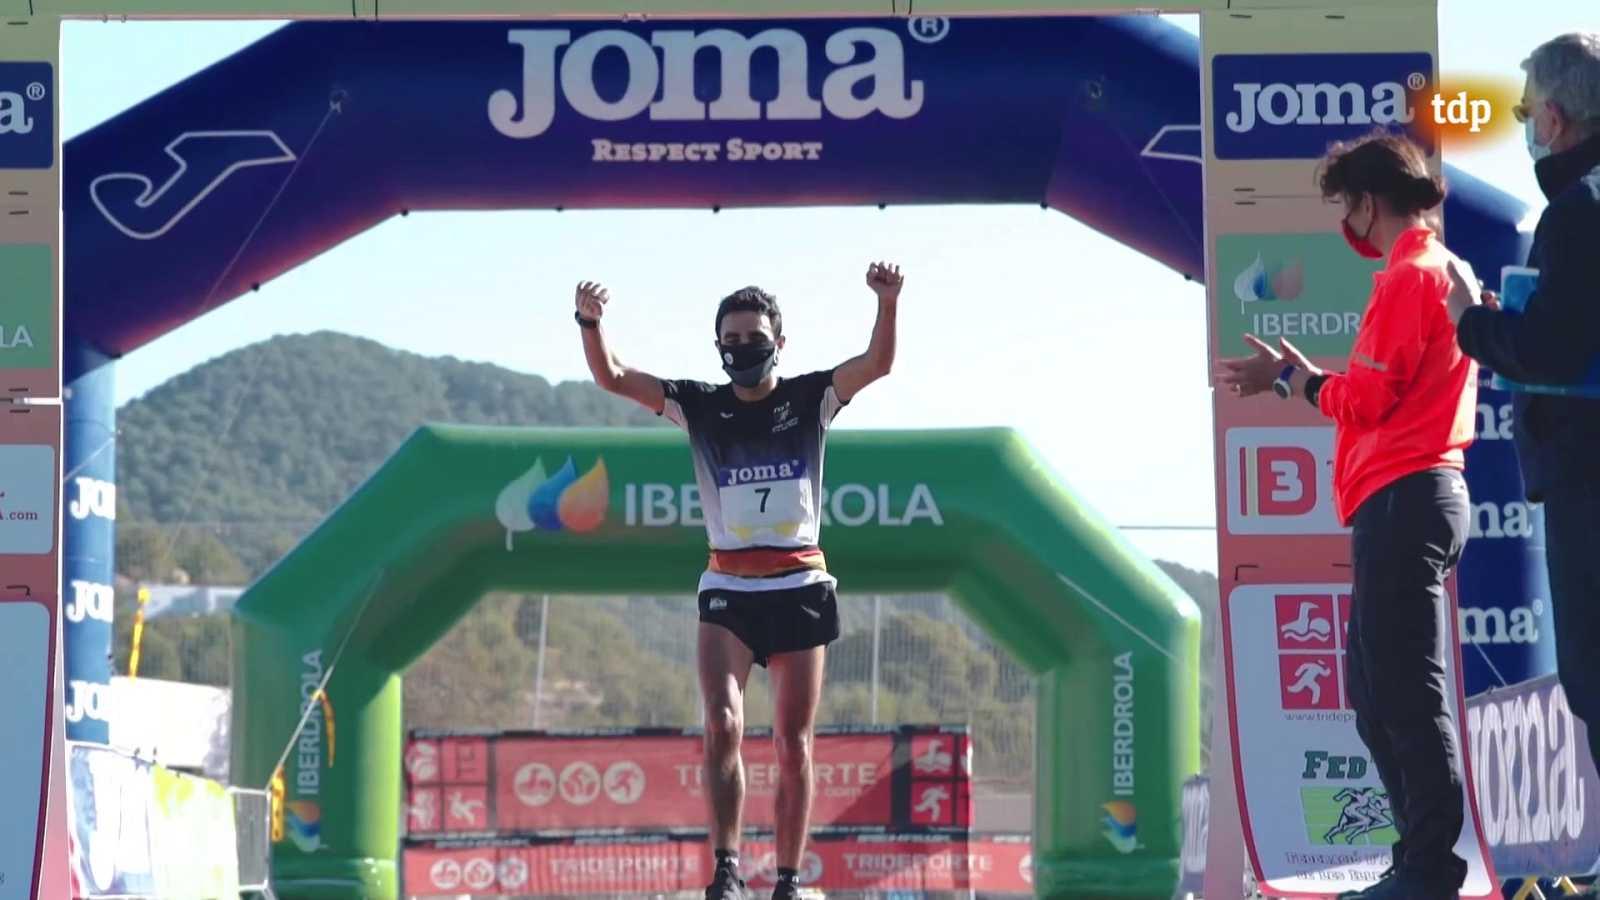 Atletismo - Campeonato de España de Trail por Federaciones autonómicas Absoluto y Sub-20 - ver ahora